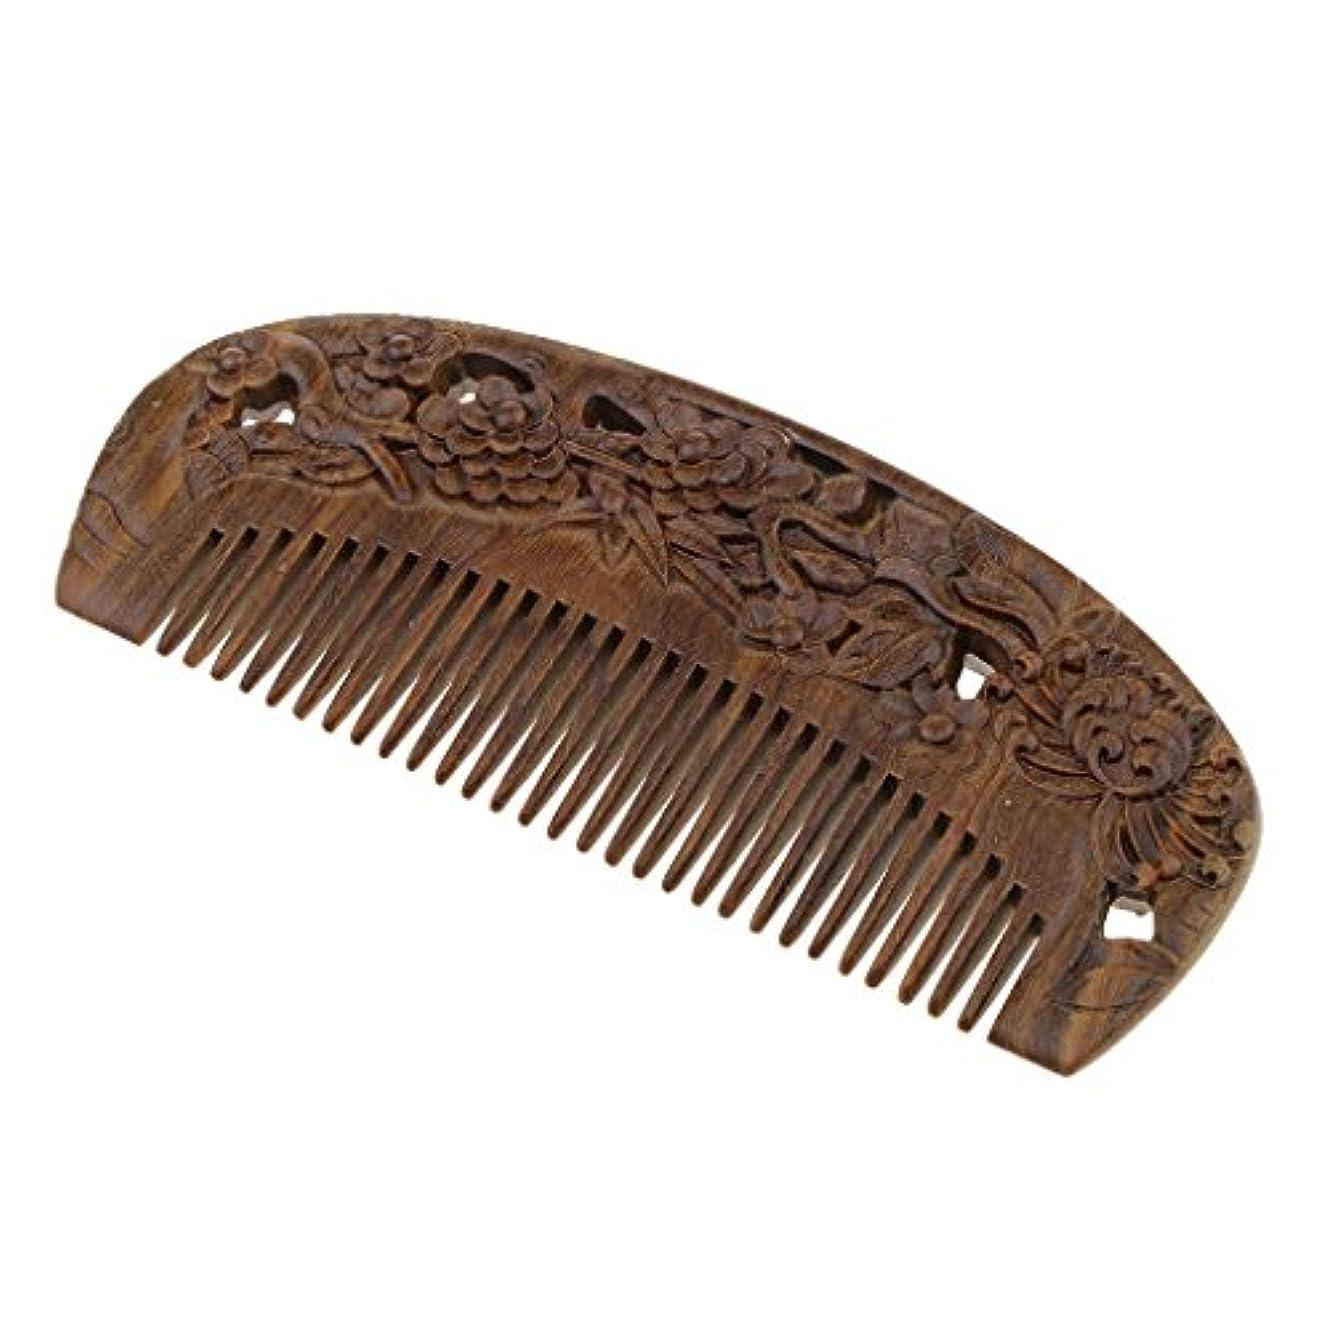 開拓者模索ダッシュFenteer 木製櫛 頭皮マッサージ 櫛 ワイド歯 ヘアコーム ヘアブラシ ヘアスタイリング 高品質 2タイプ選べる - #2